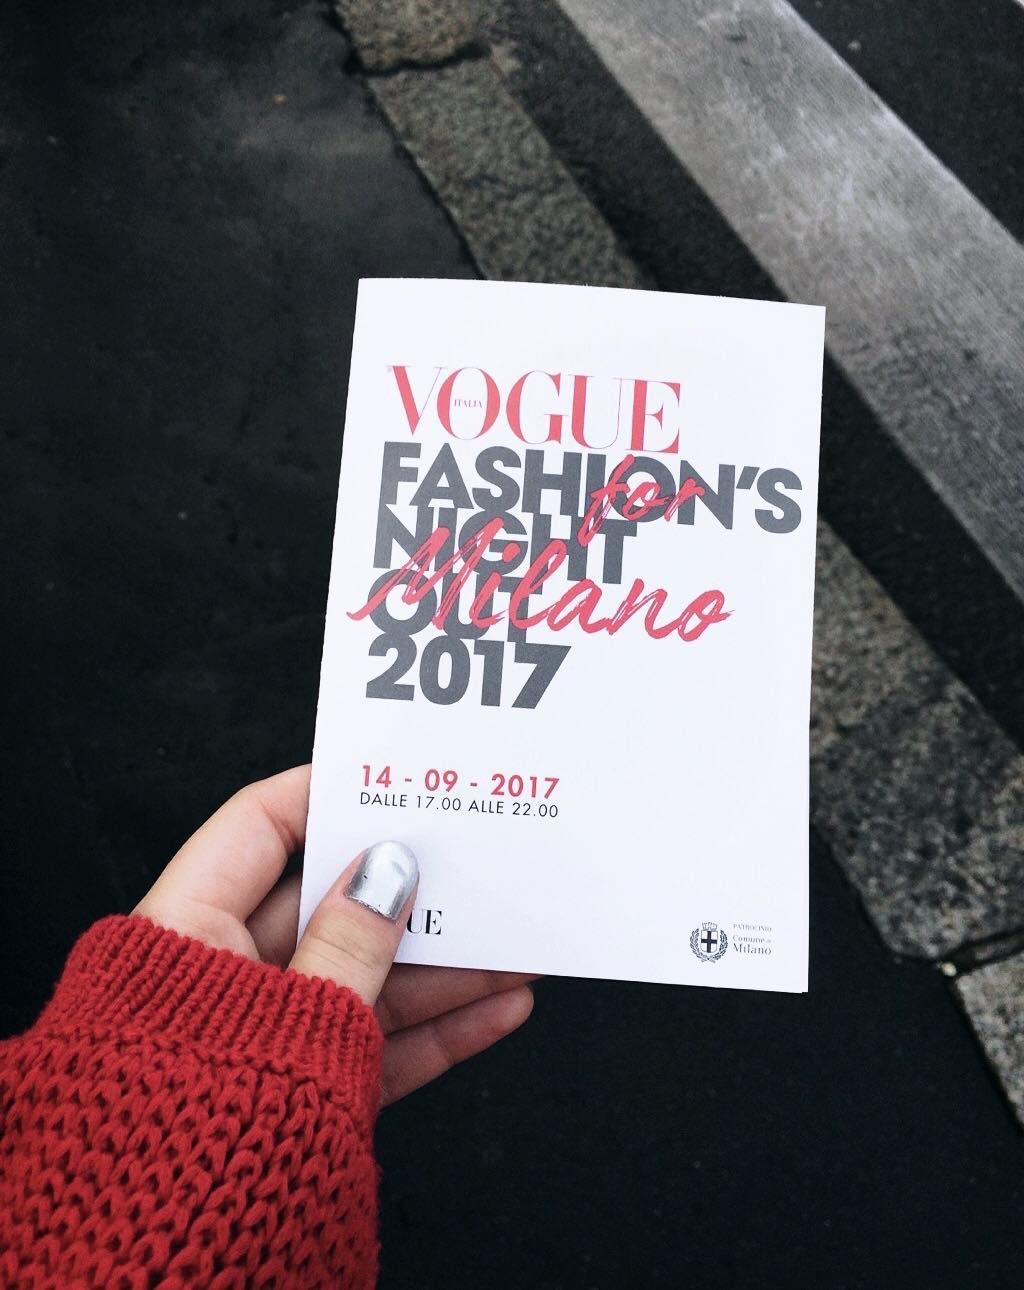 milan-fashion-week-abda0e69256b7bbe24e7b